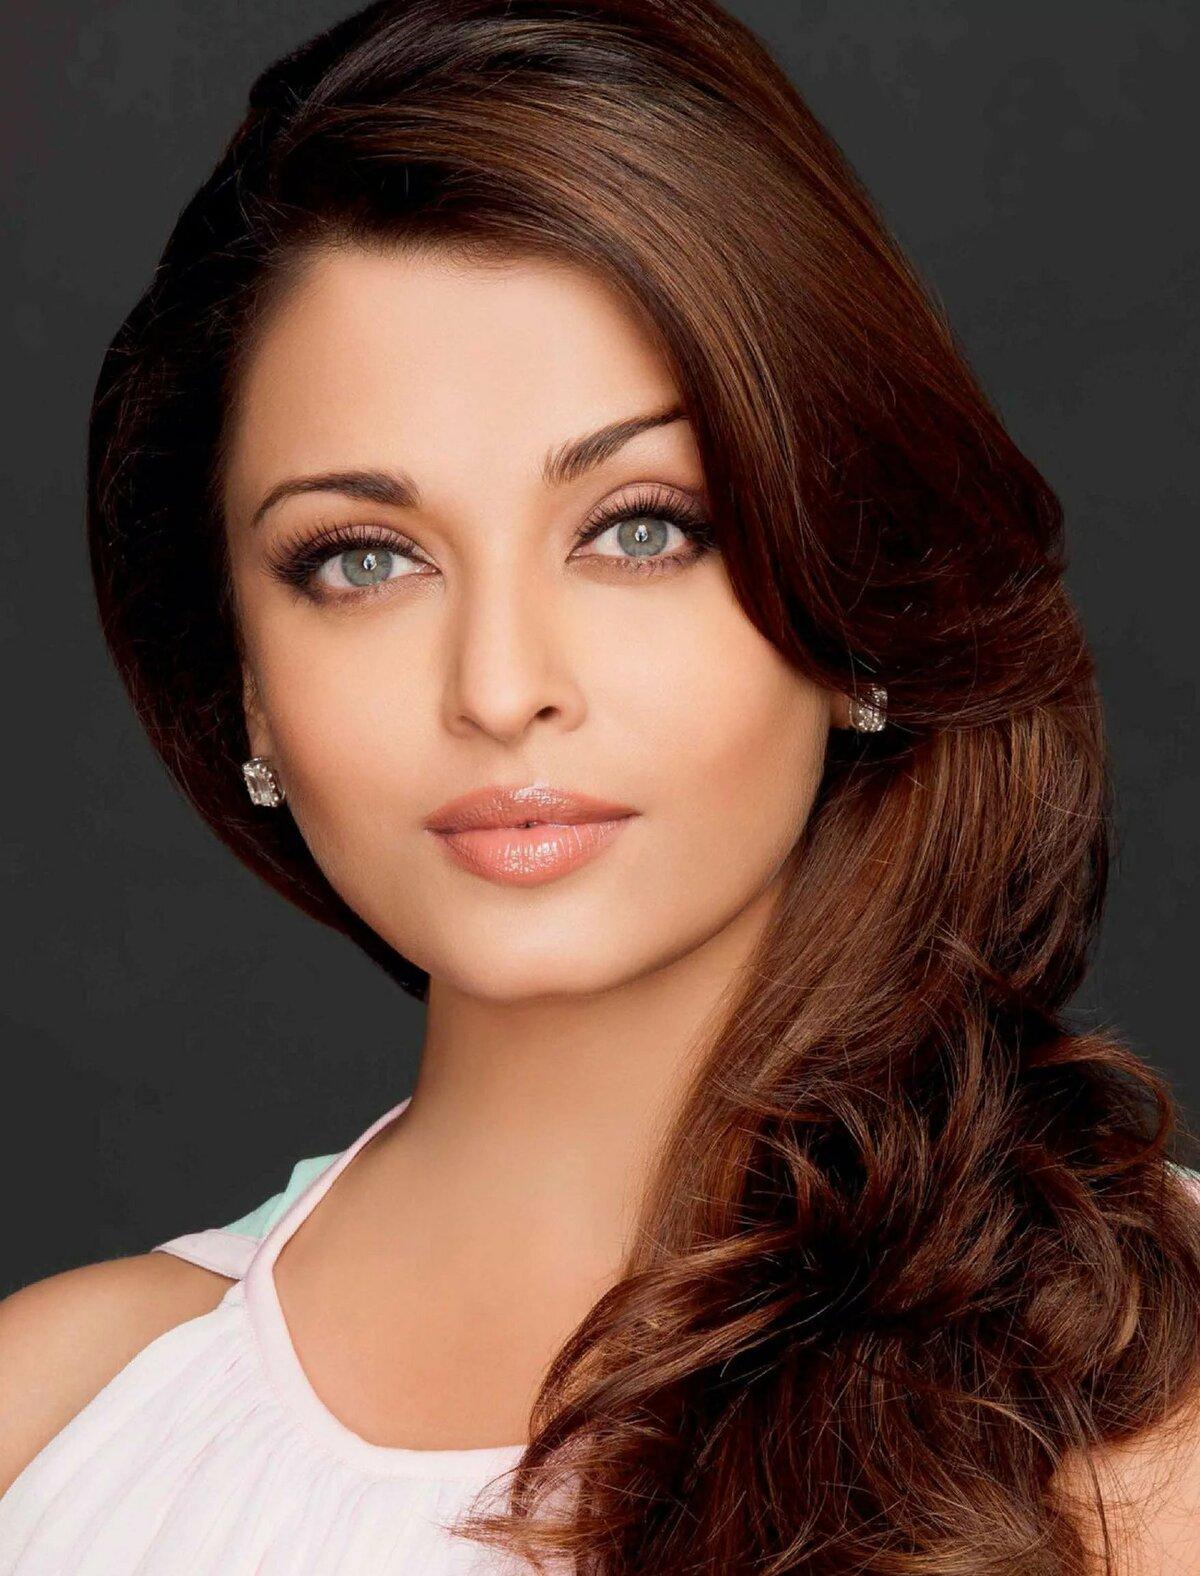 индийские актрисы фото и имена делом промойте